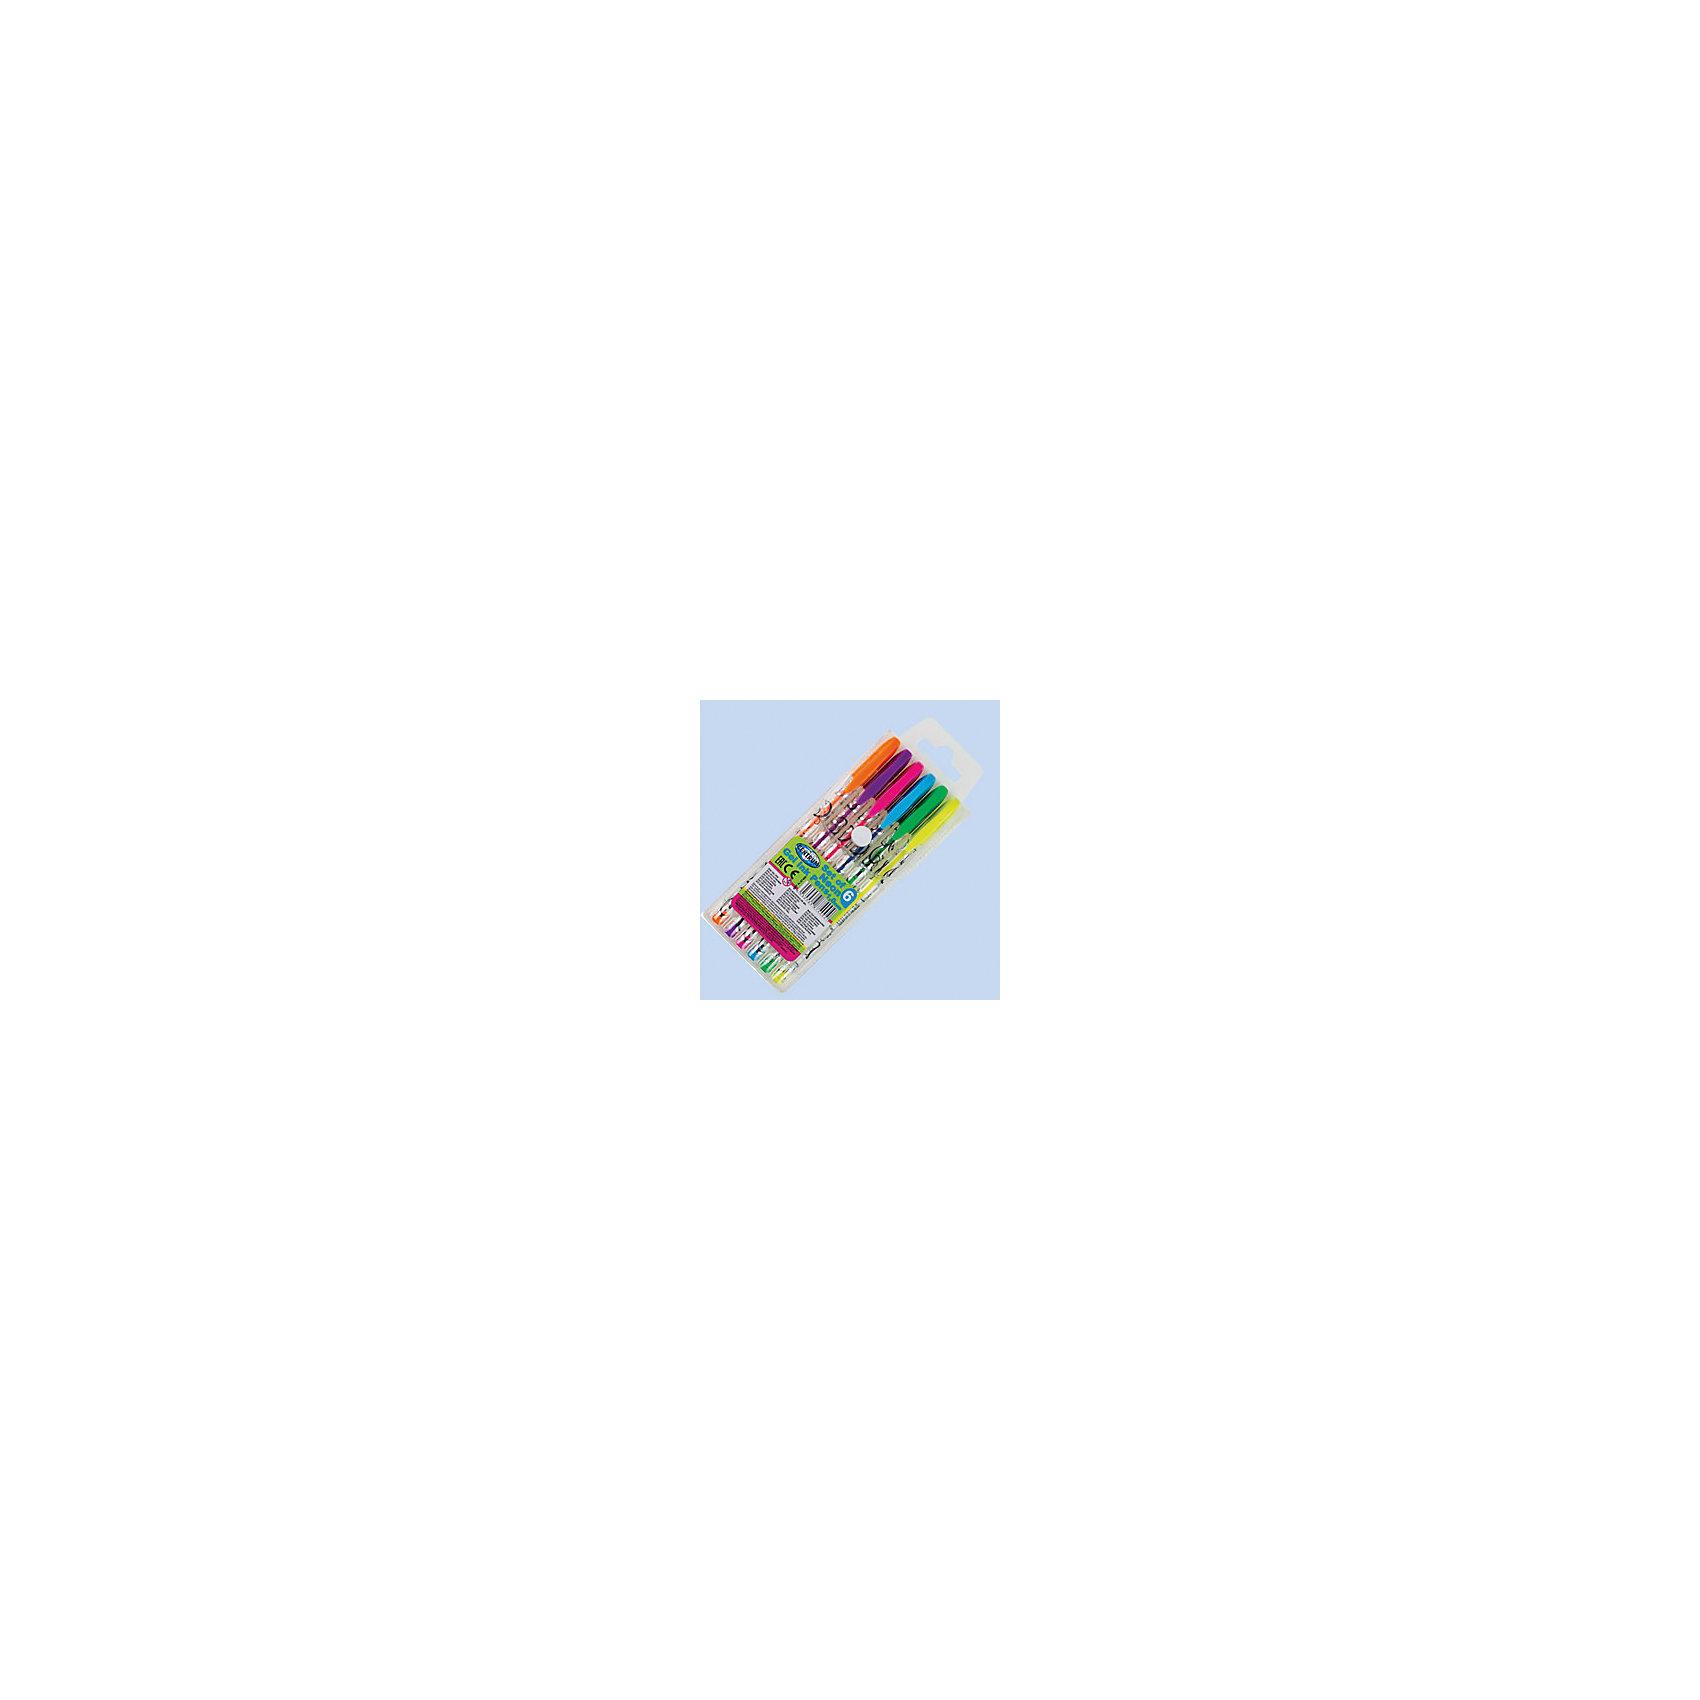 Набор гелевых ручек.NEON 6 цветов, 1,0ммПисьменные принадлежности<br>Набор гелевых ручек. NEON 6 цветов, 1,0 мм<br><br>Характеристики:<br><br>• Особенности: яркие, неоновые цвета<br>• Размер: 17,5 * 1,5 * 6,8 см.<br>• Вес: 44 гр.<br>• Страна производитель: Россия<br><br>Ручки удобно ложатся в руку и отлично пишут без дополнительного нажатия. Ширина стержня составляет 1 мм. Яркие, неоновые цвета пишут чётко и не смазываются. В набор вошли салатовый, жёлтый, оранжевый, розовый, фиолетовый и голубой цвета.<br><br>Набор гелевых ручек.NEON 6 цветов, 1,0 мм можно купить в нашем интернет-магазине.<br><br>Ширина мм: 15<br>Глубина мм: 68<br>Высота мм: 175<br>Вес г: 44<br>Возраст от месяцев: 36<br>Возраст до месяцев: 2147483647<br>Пол: Унисекс<br>Возраст: Детский<br>SKU: 5478290